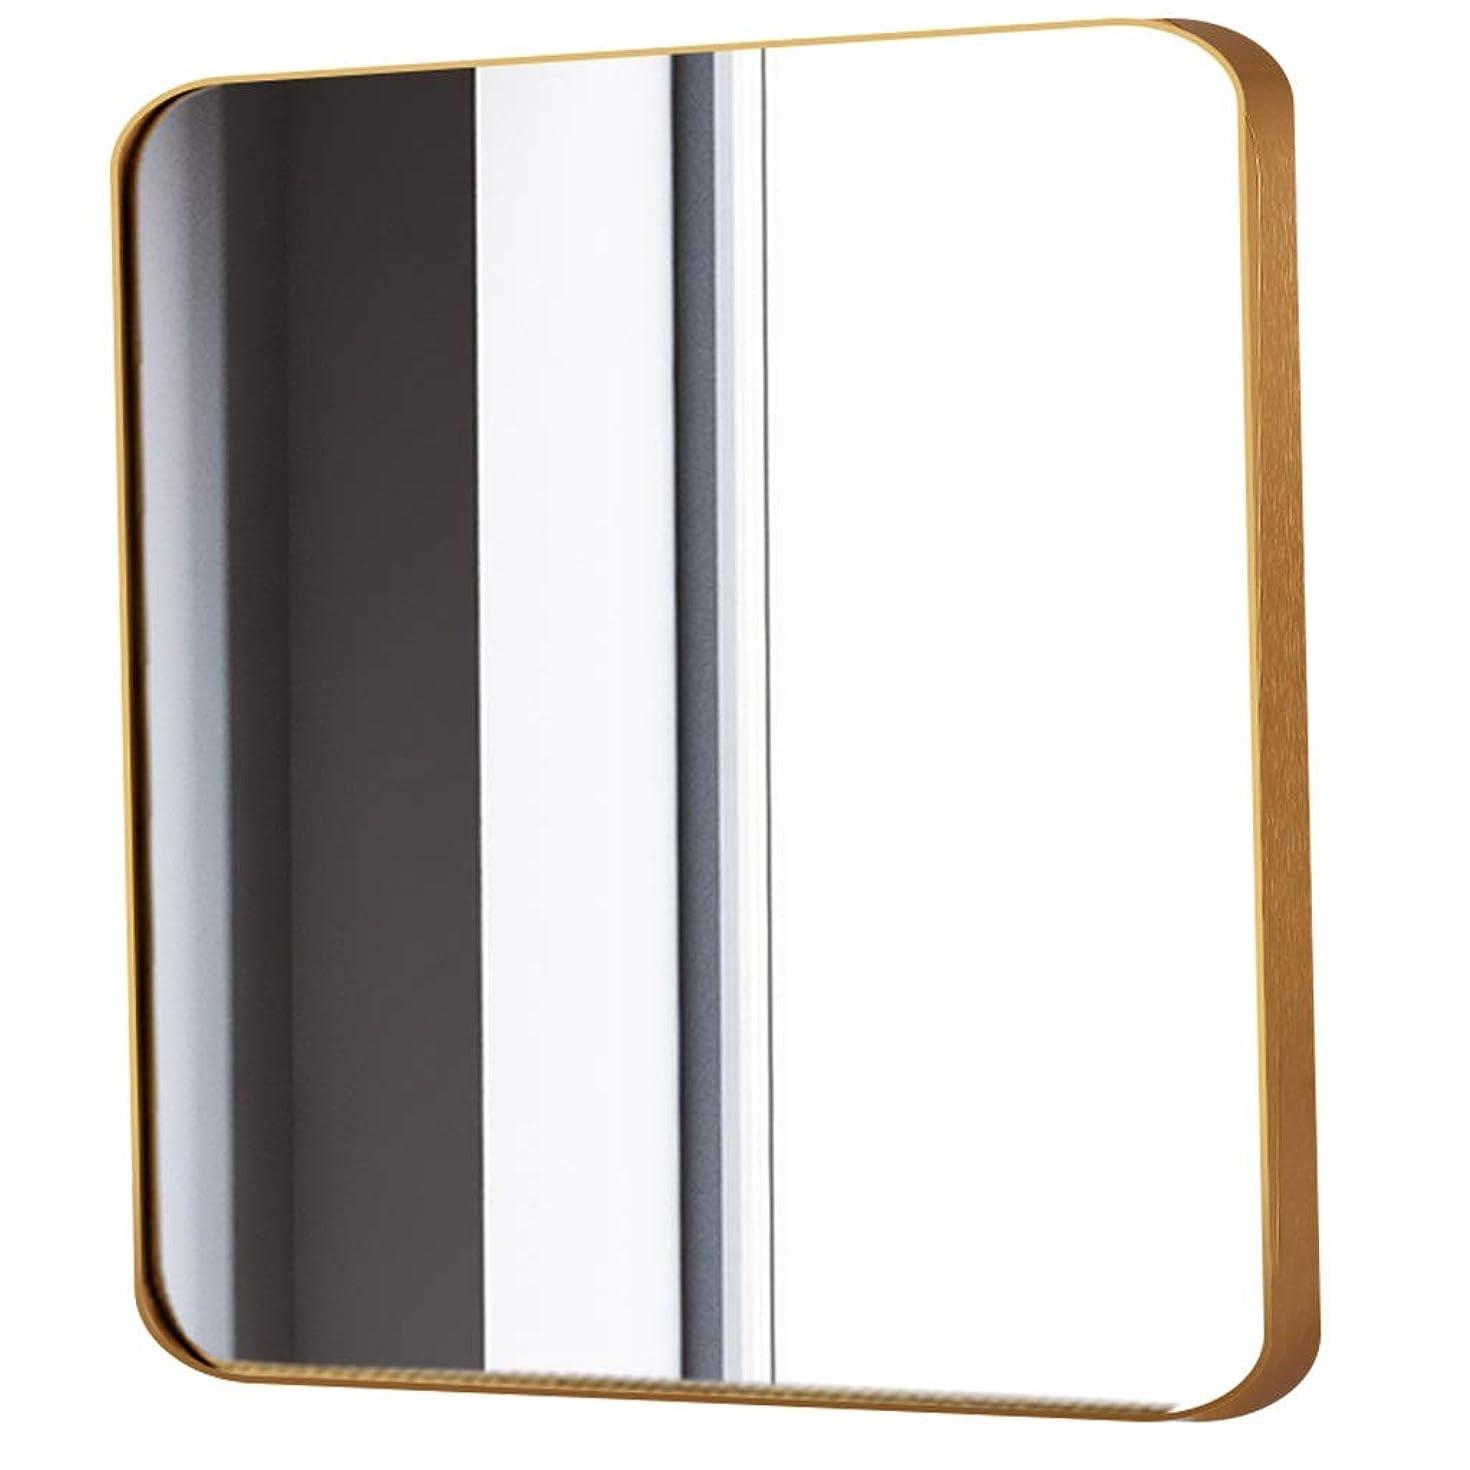 思いやりスポーツの試合を担当している人ハッピーRXY-鏡 北欧スタイルのバスルームミラー、壁掛けスクエアバニティミラー、HD防爆ミラー (Color : Gold, サイズ : 50x50cm)